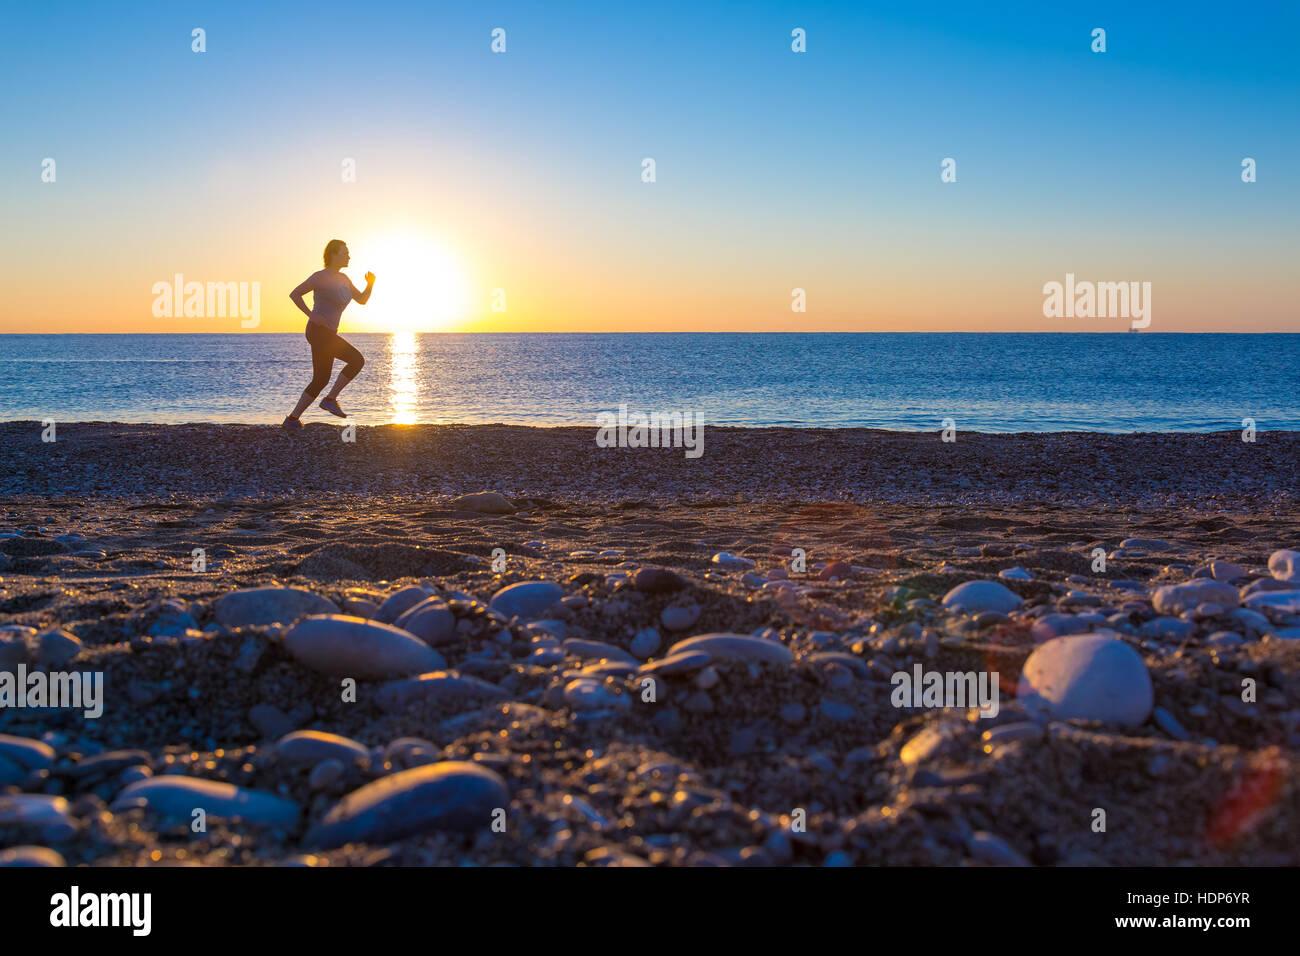 Silhouette di sportive sulla spiaggia dell'oceano di Sunrise Immagini Stock